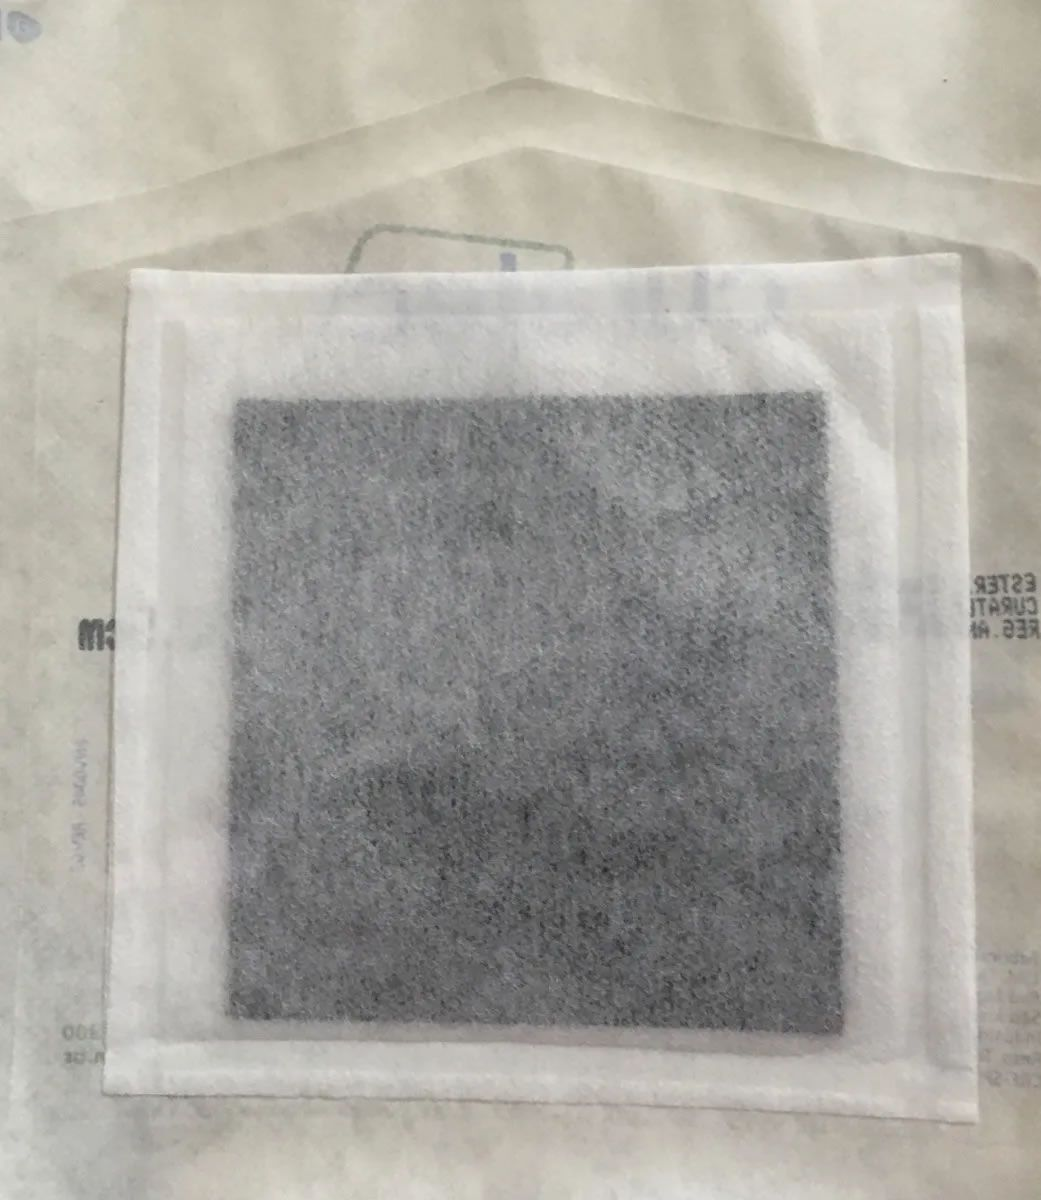 Curativo De Carvão Ativado C/ Prata 10,5 X 10,5cm - Curatec